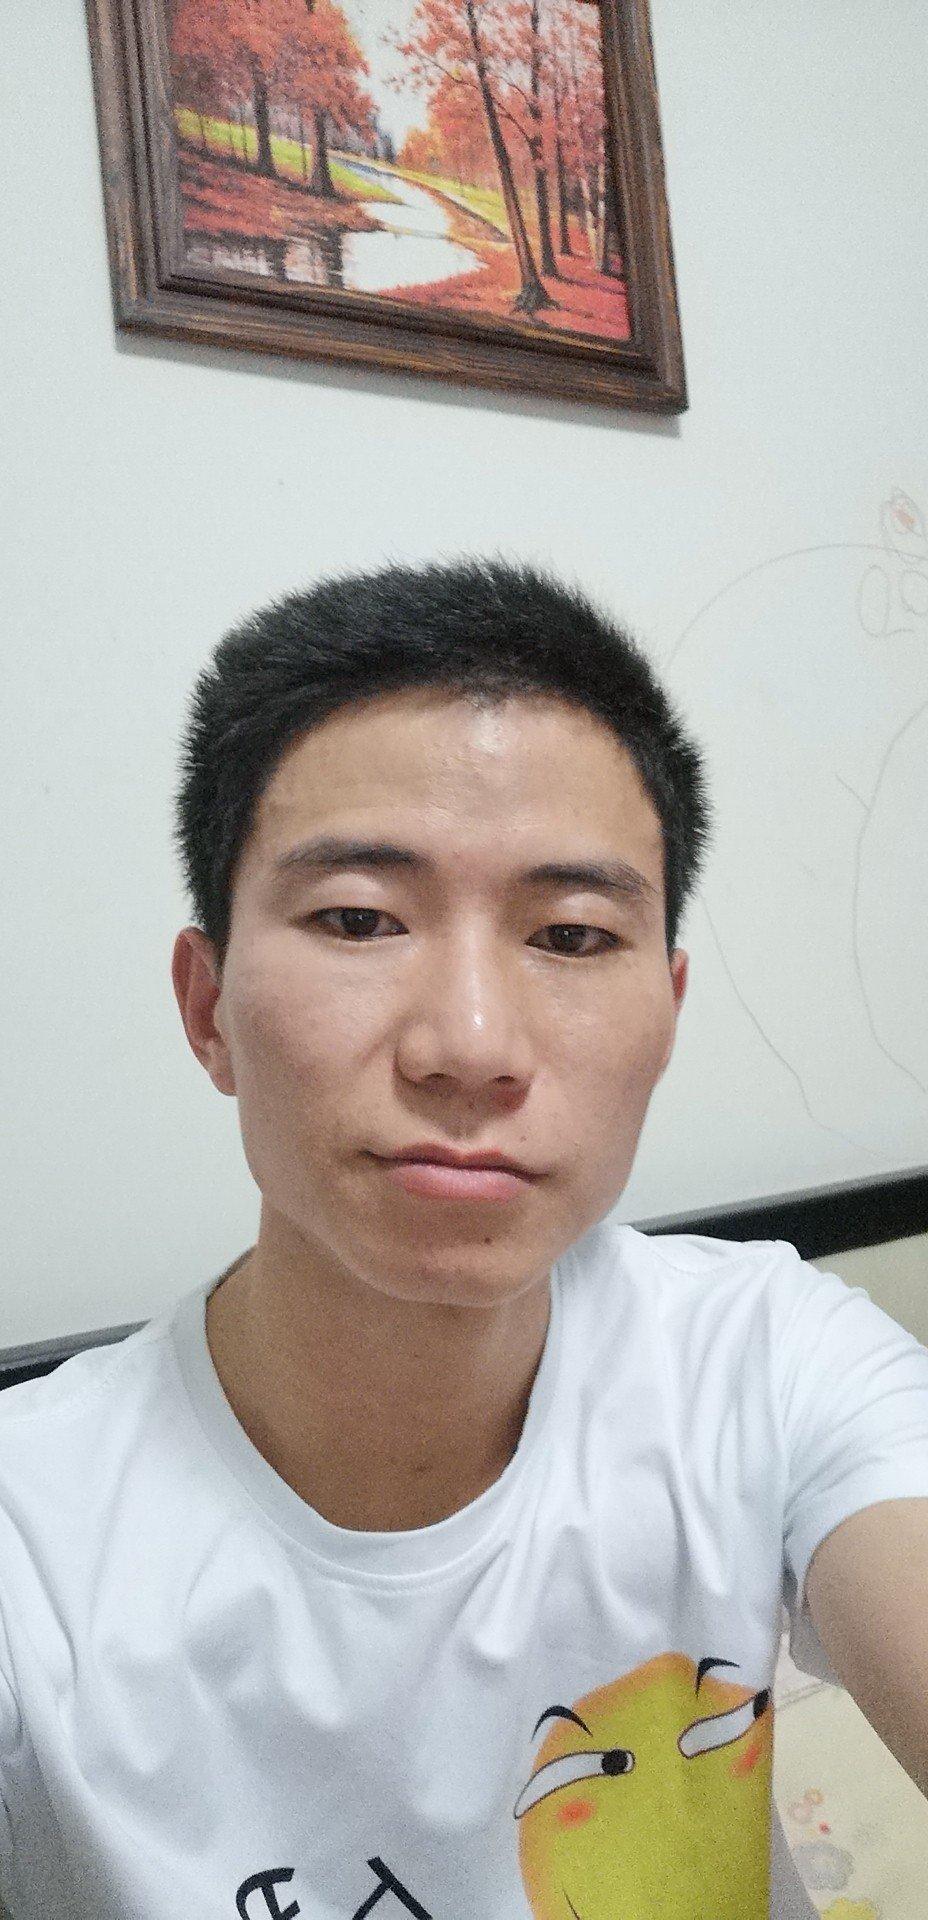 会员801947013的照片